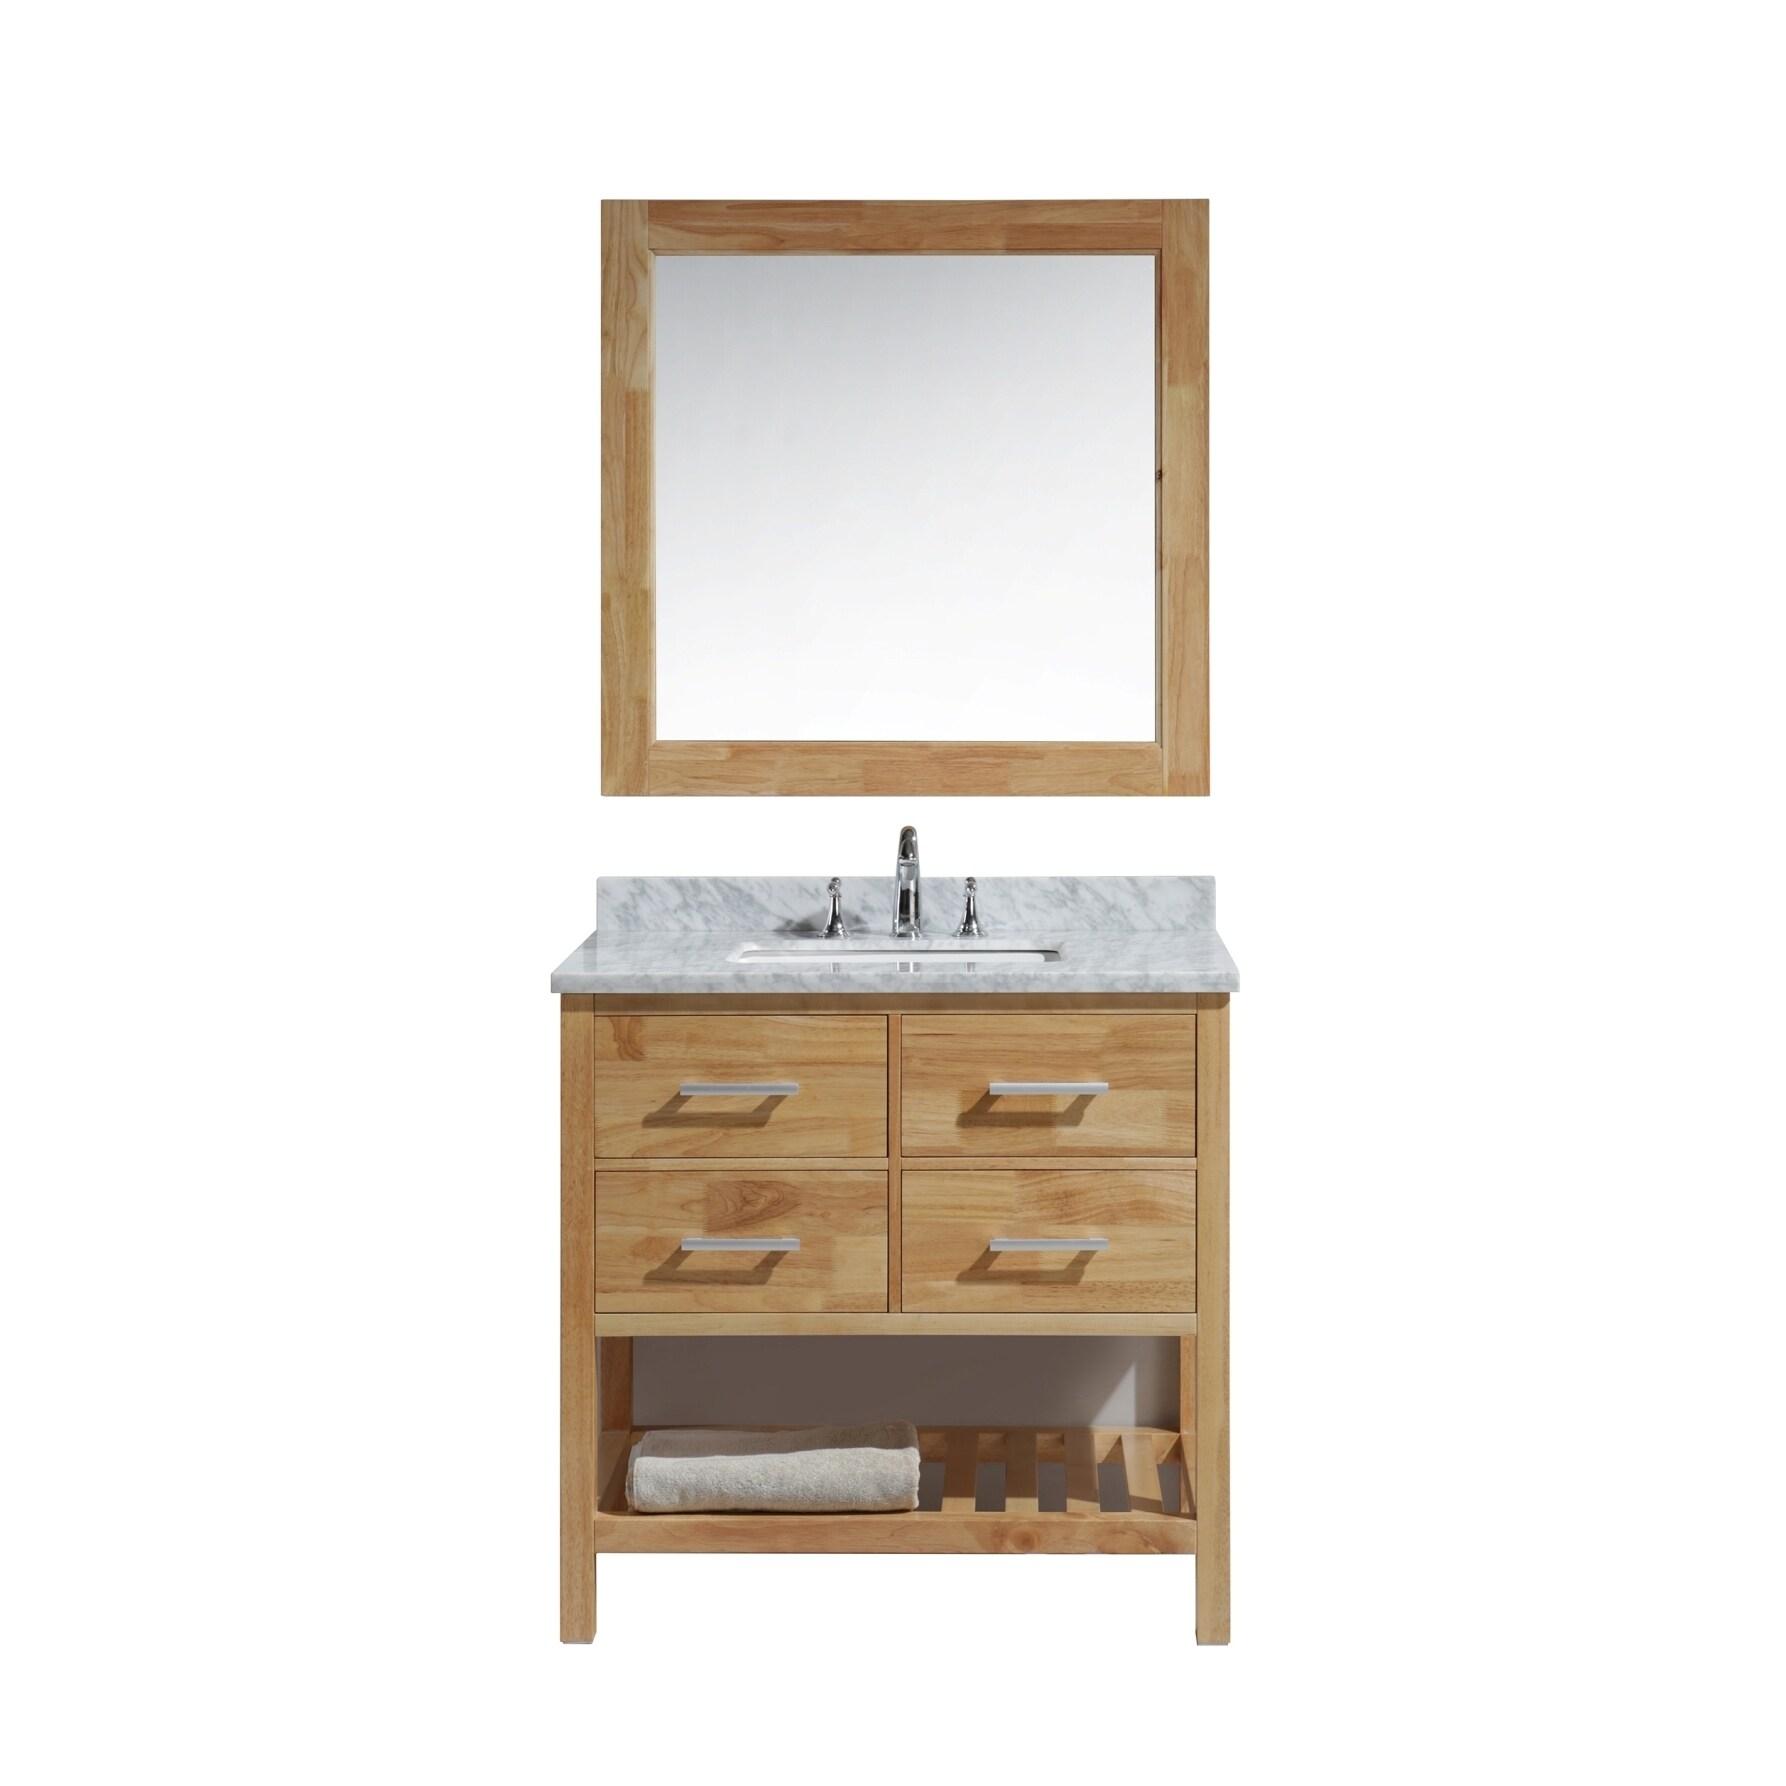 Buy Tan Bathroom Vanities & Vanity Cabinets Online at Overstock.com ...